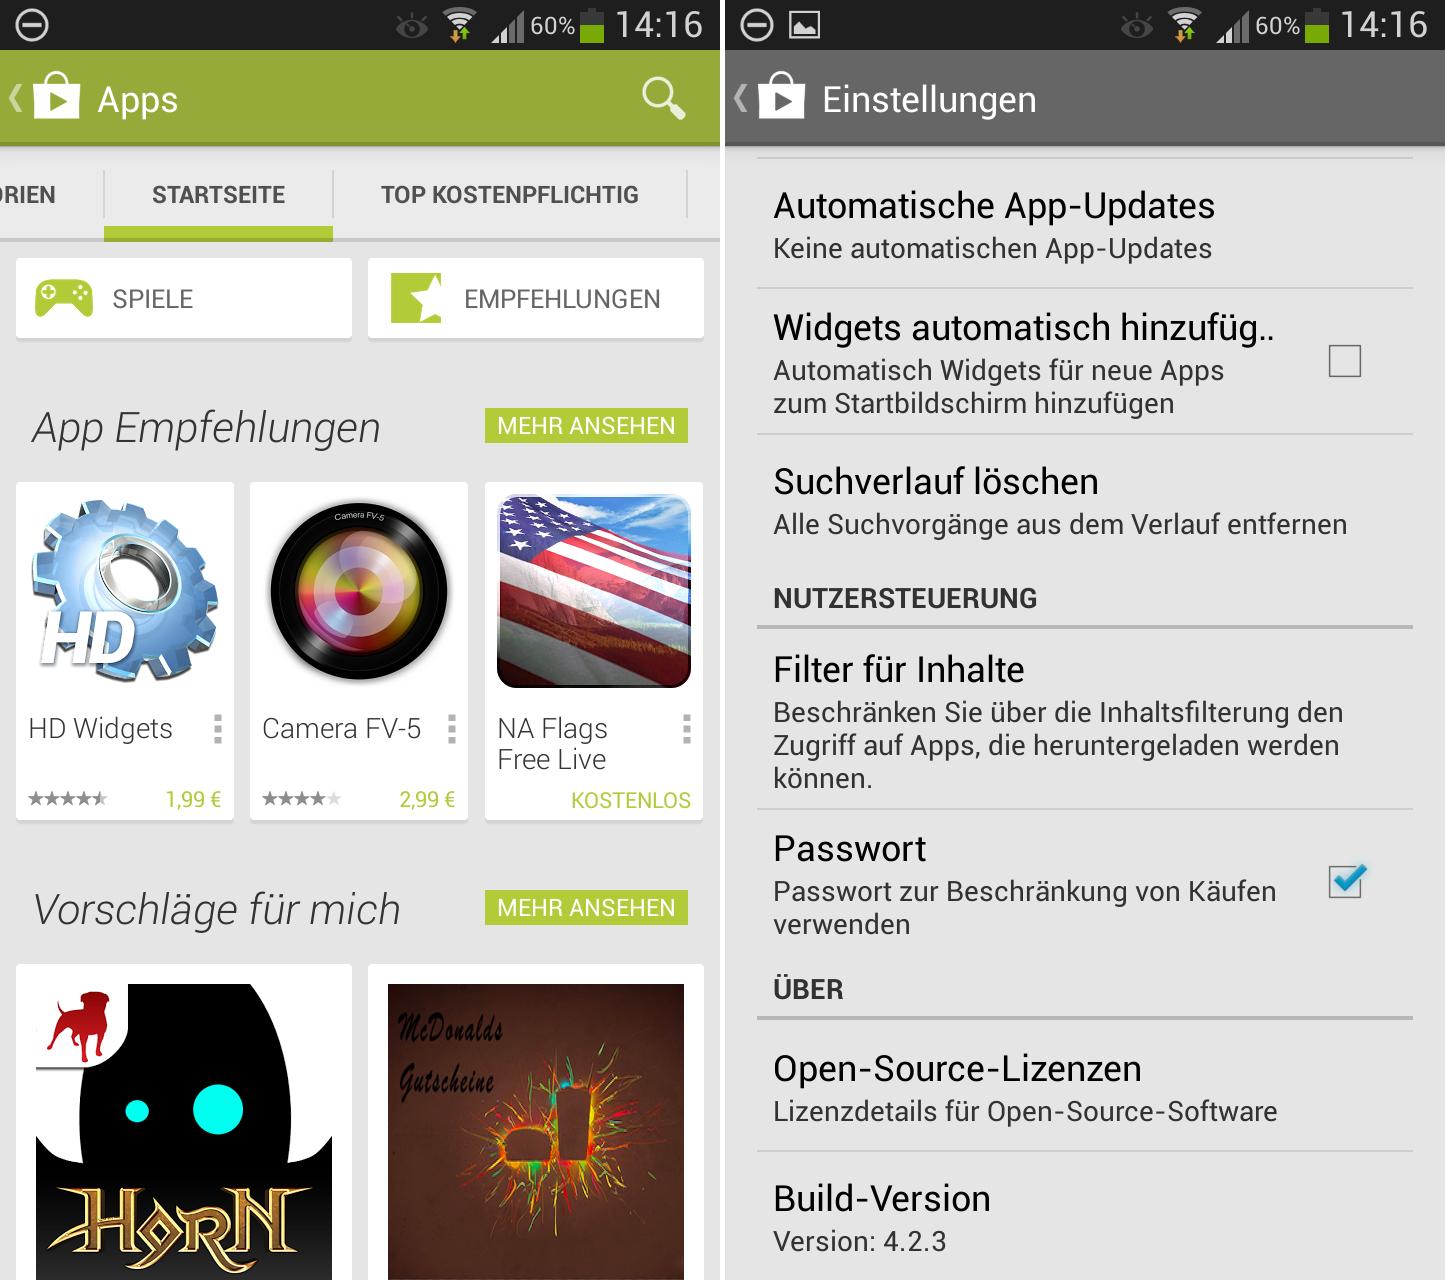 Play Store App Version 4 2 3 Aus Android 4 3 Aufgetaucht Apk Download